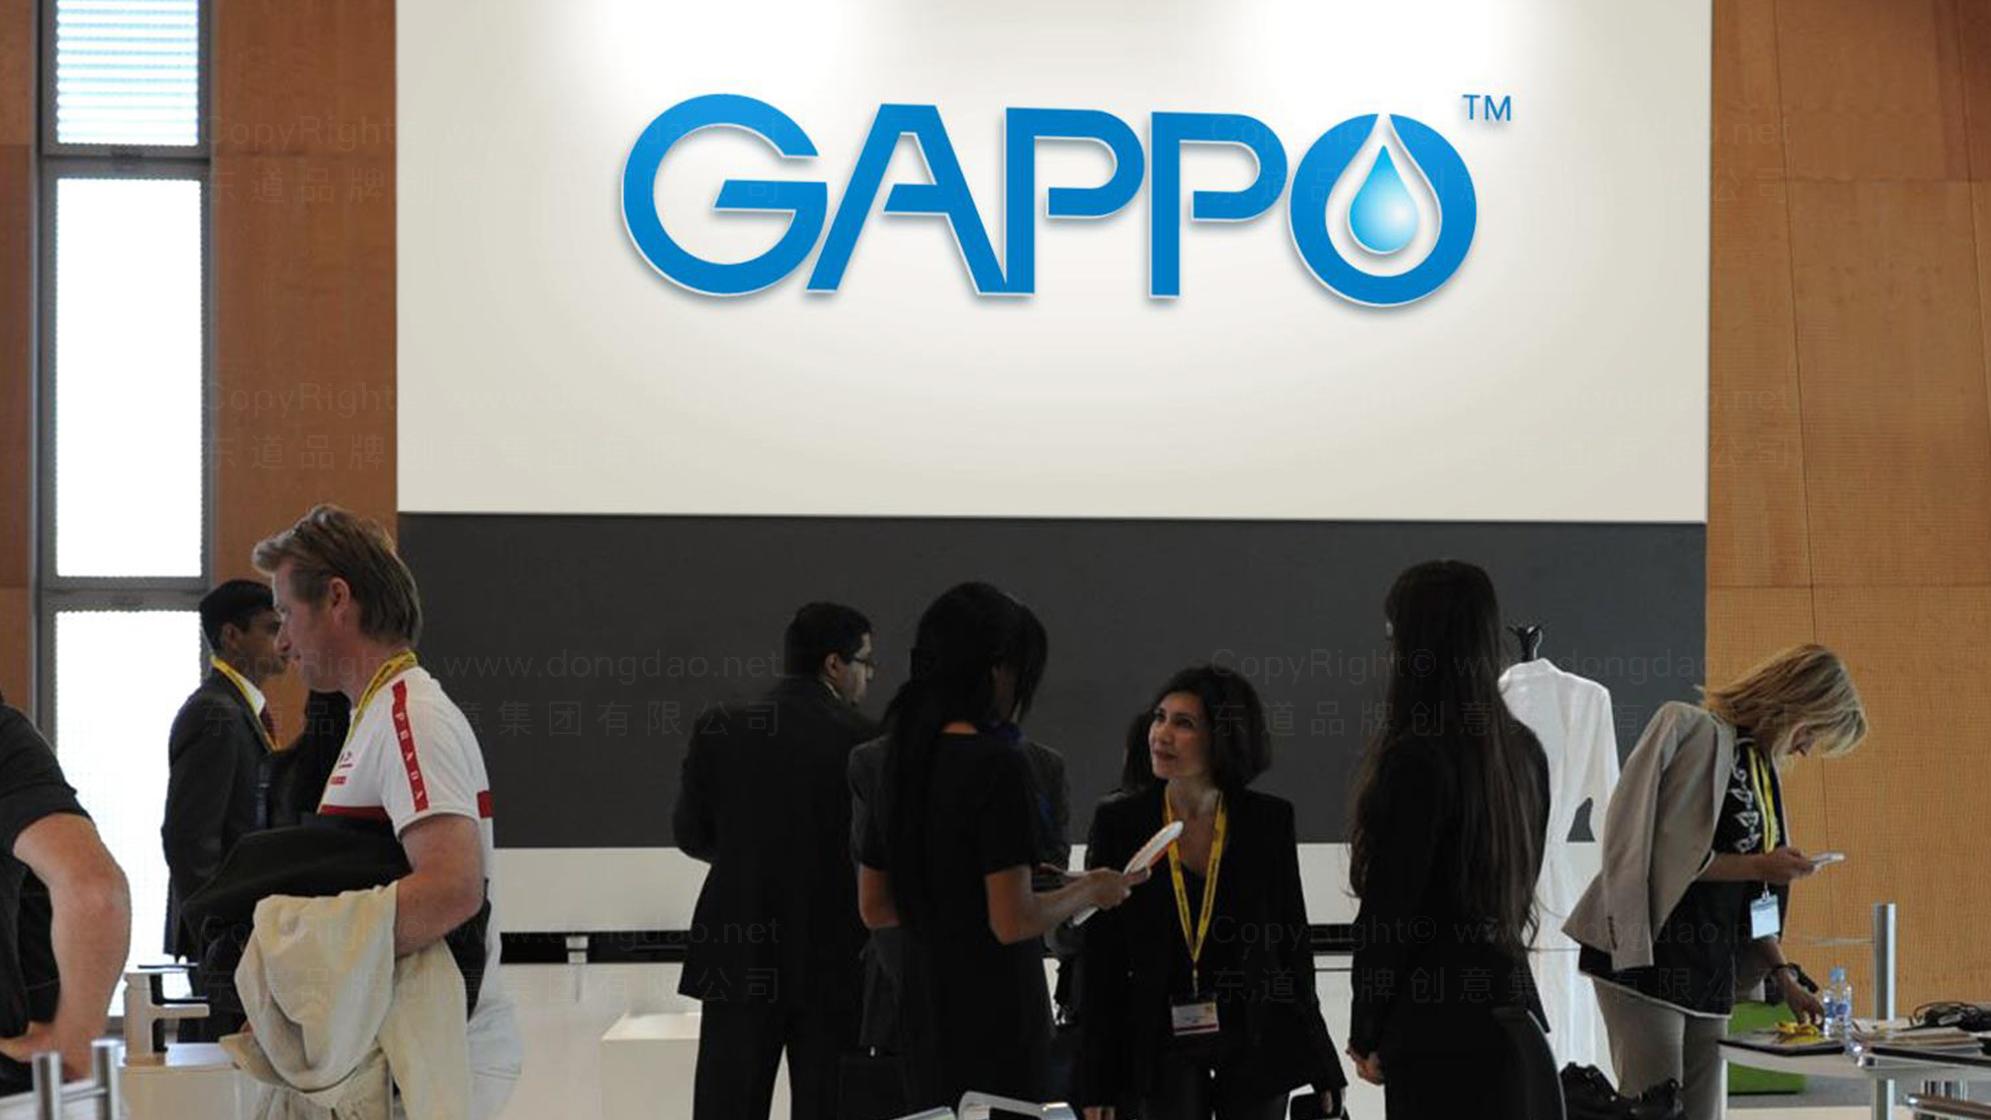 品牌设计GAPPO卫浴LOGO&VI设计应用场景_6